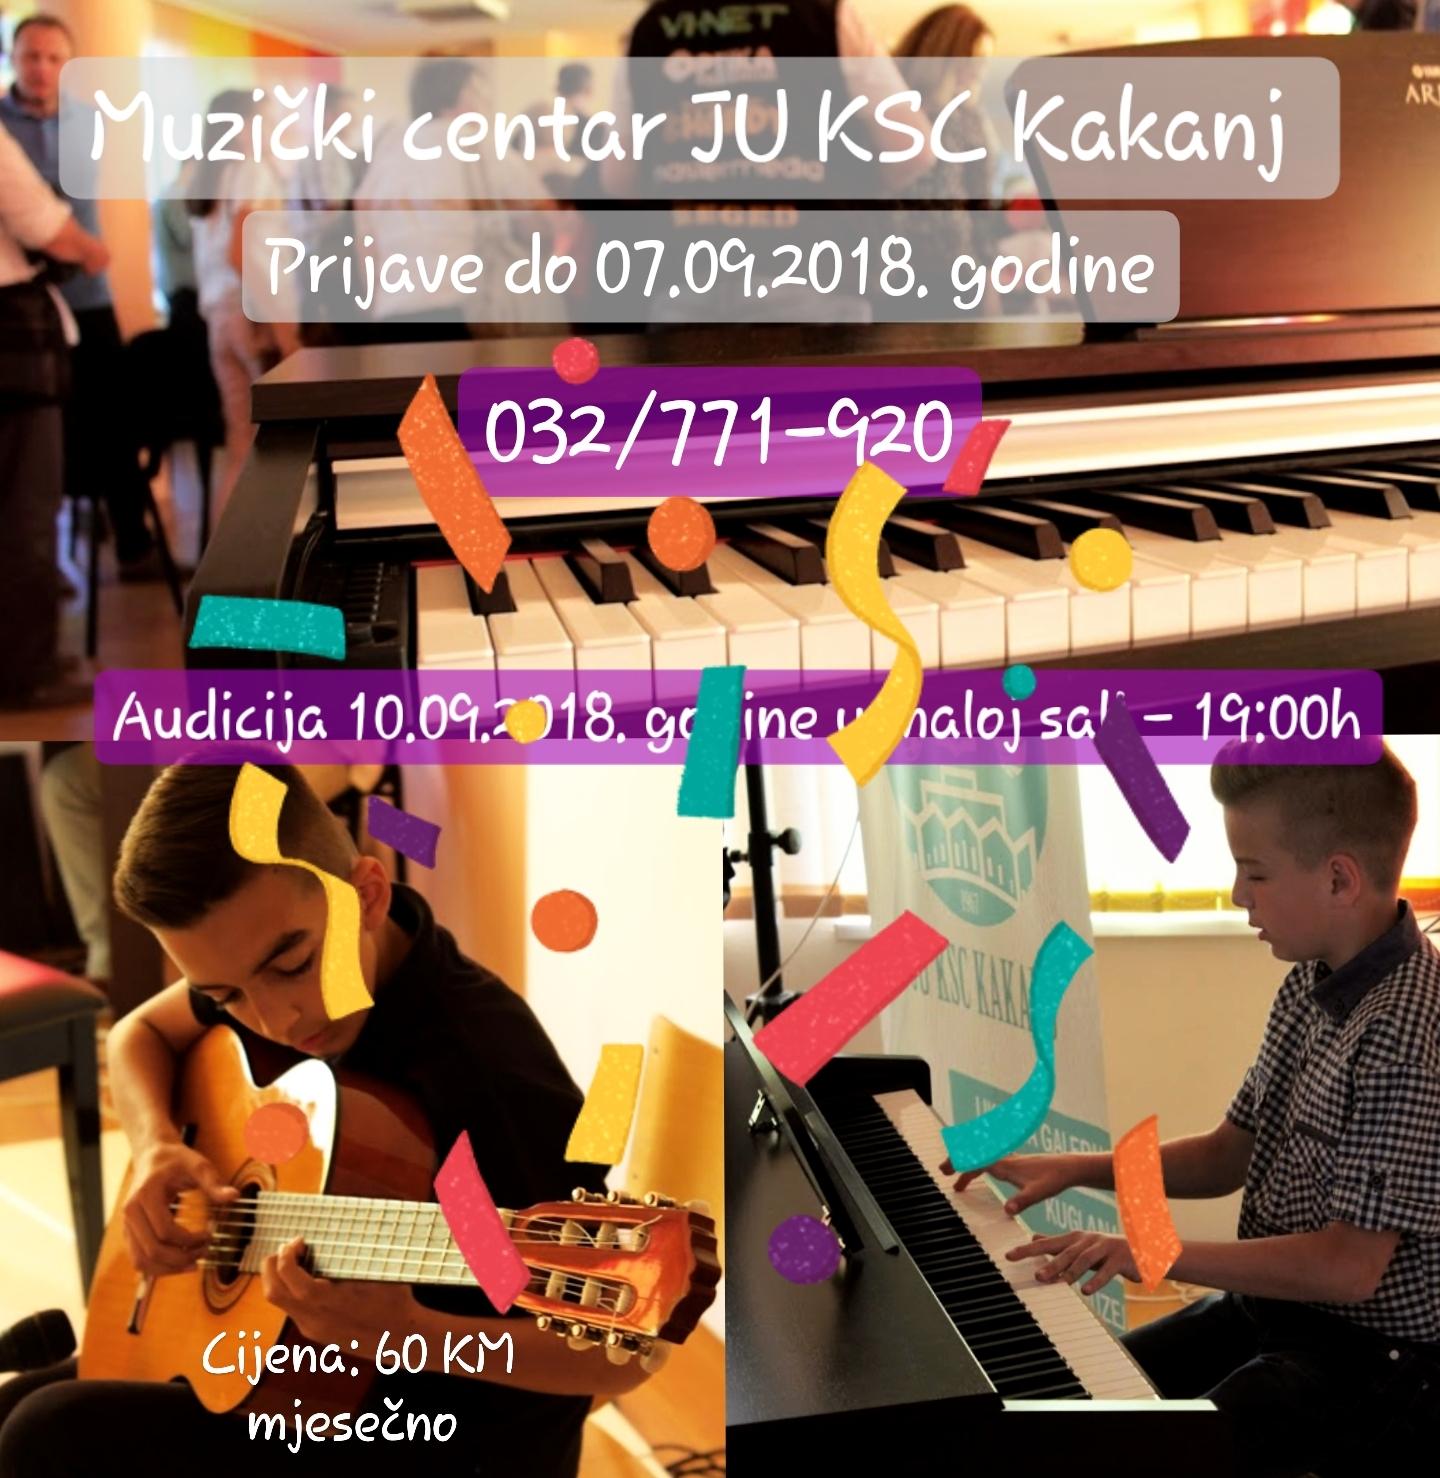 Želite naučiti svirati? Iskoristite priliku i prijavite se u Muzički centar JU KSC Kakanj / Audicija 10.09.2018. godine u maloj sali